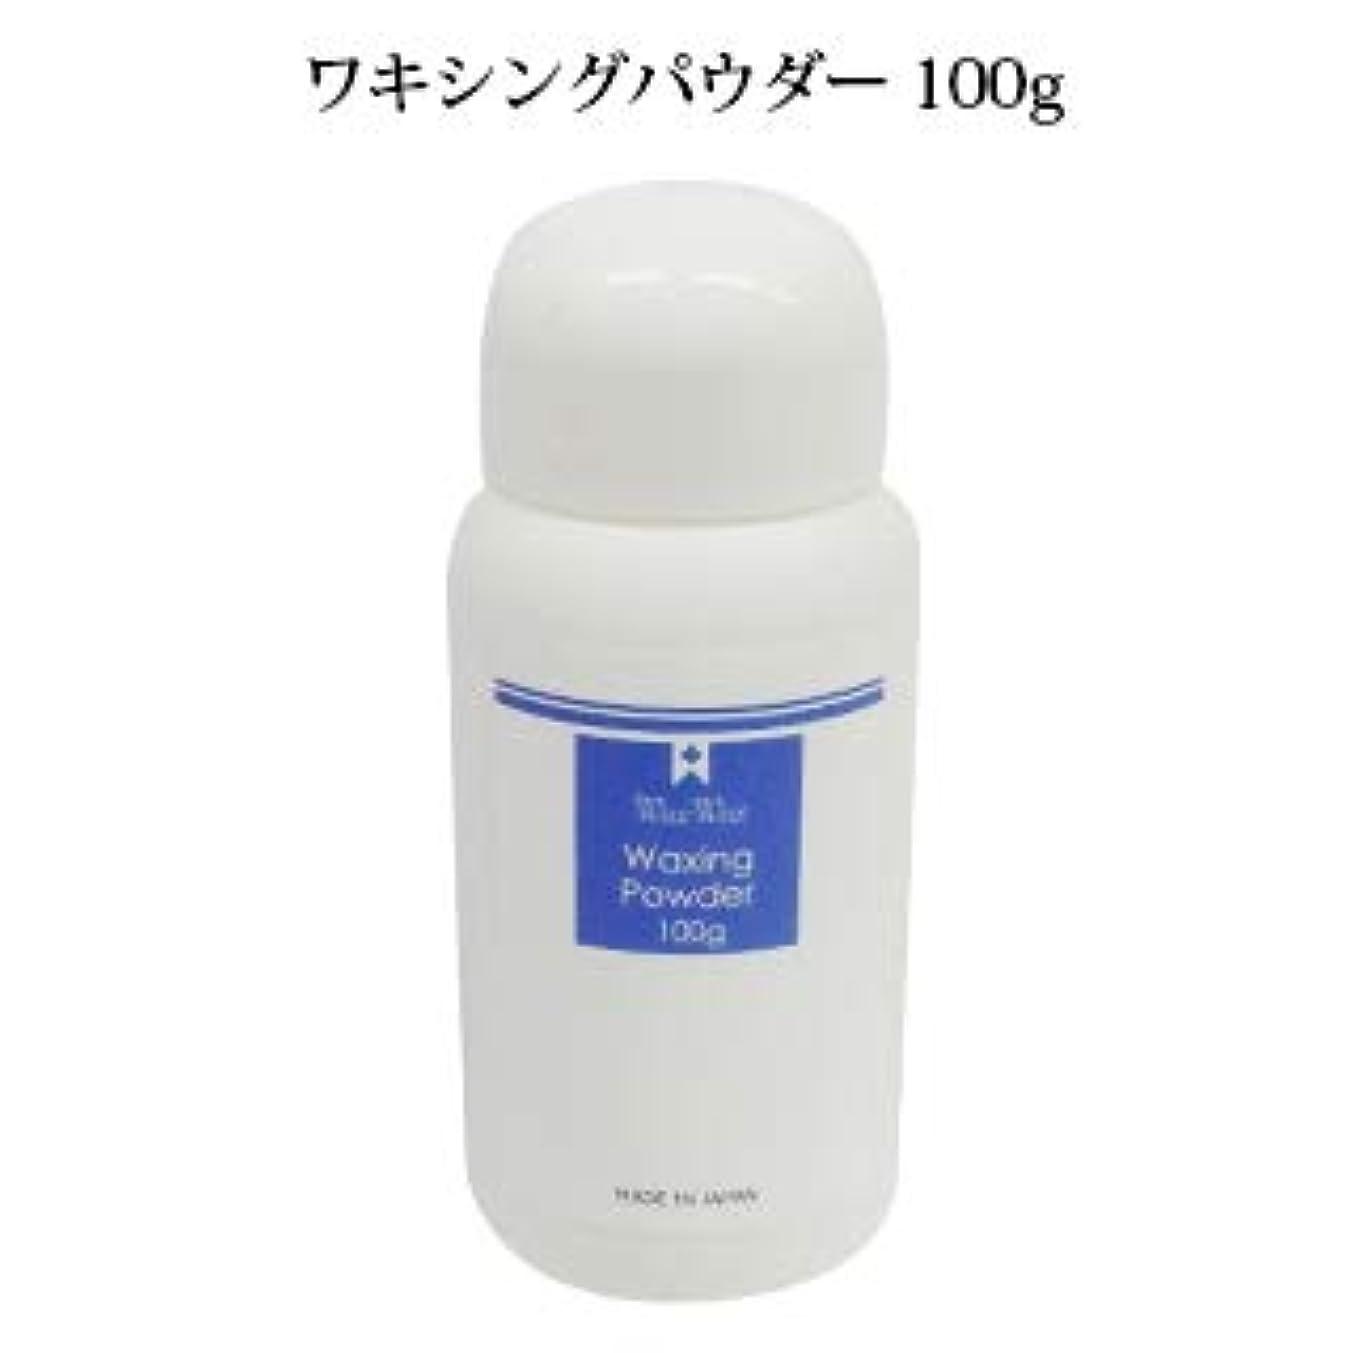 収束鳴り響く顔料WaxWax ワキシングパウダー 100g ~施術前処理~